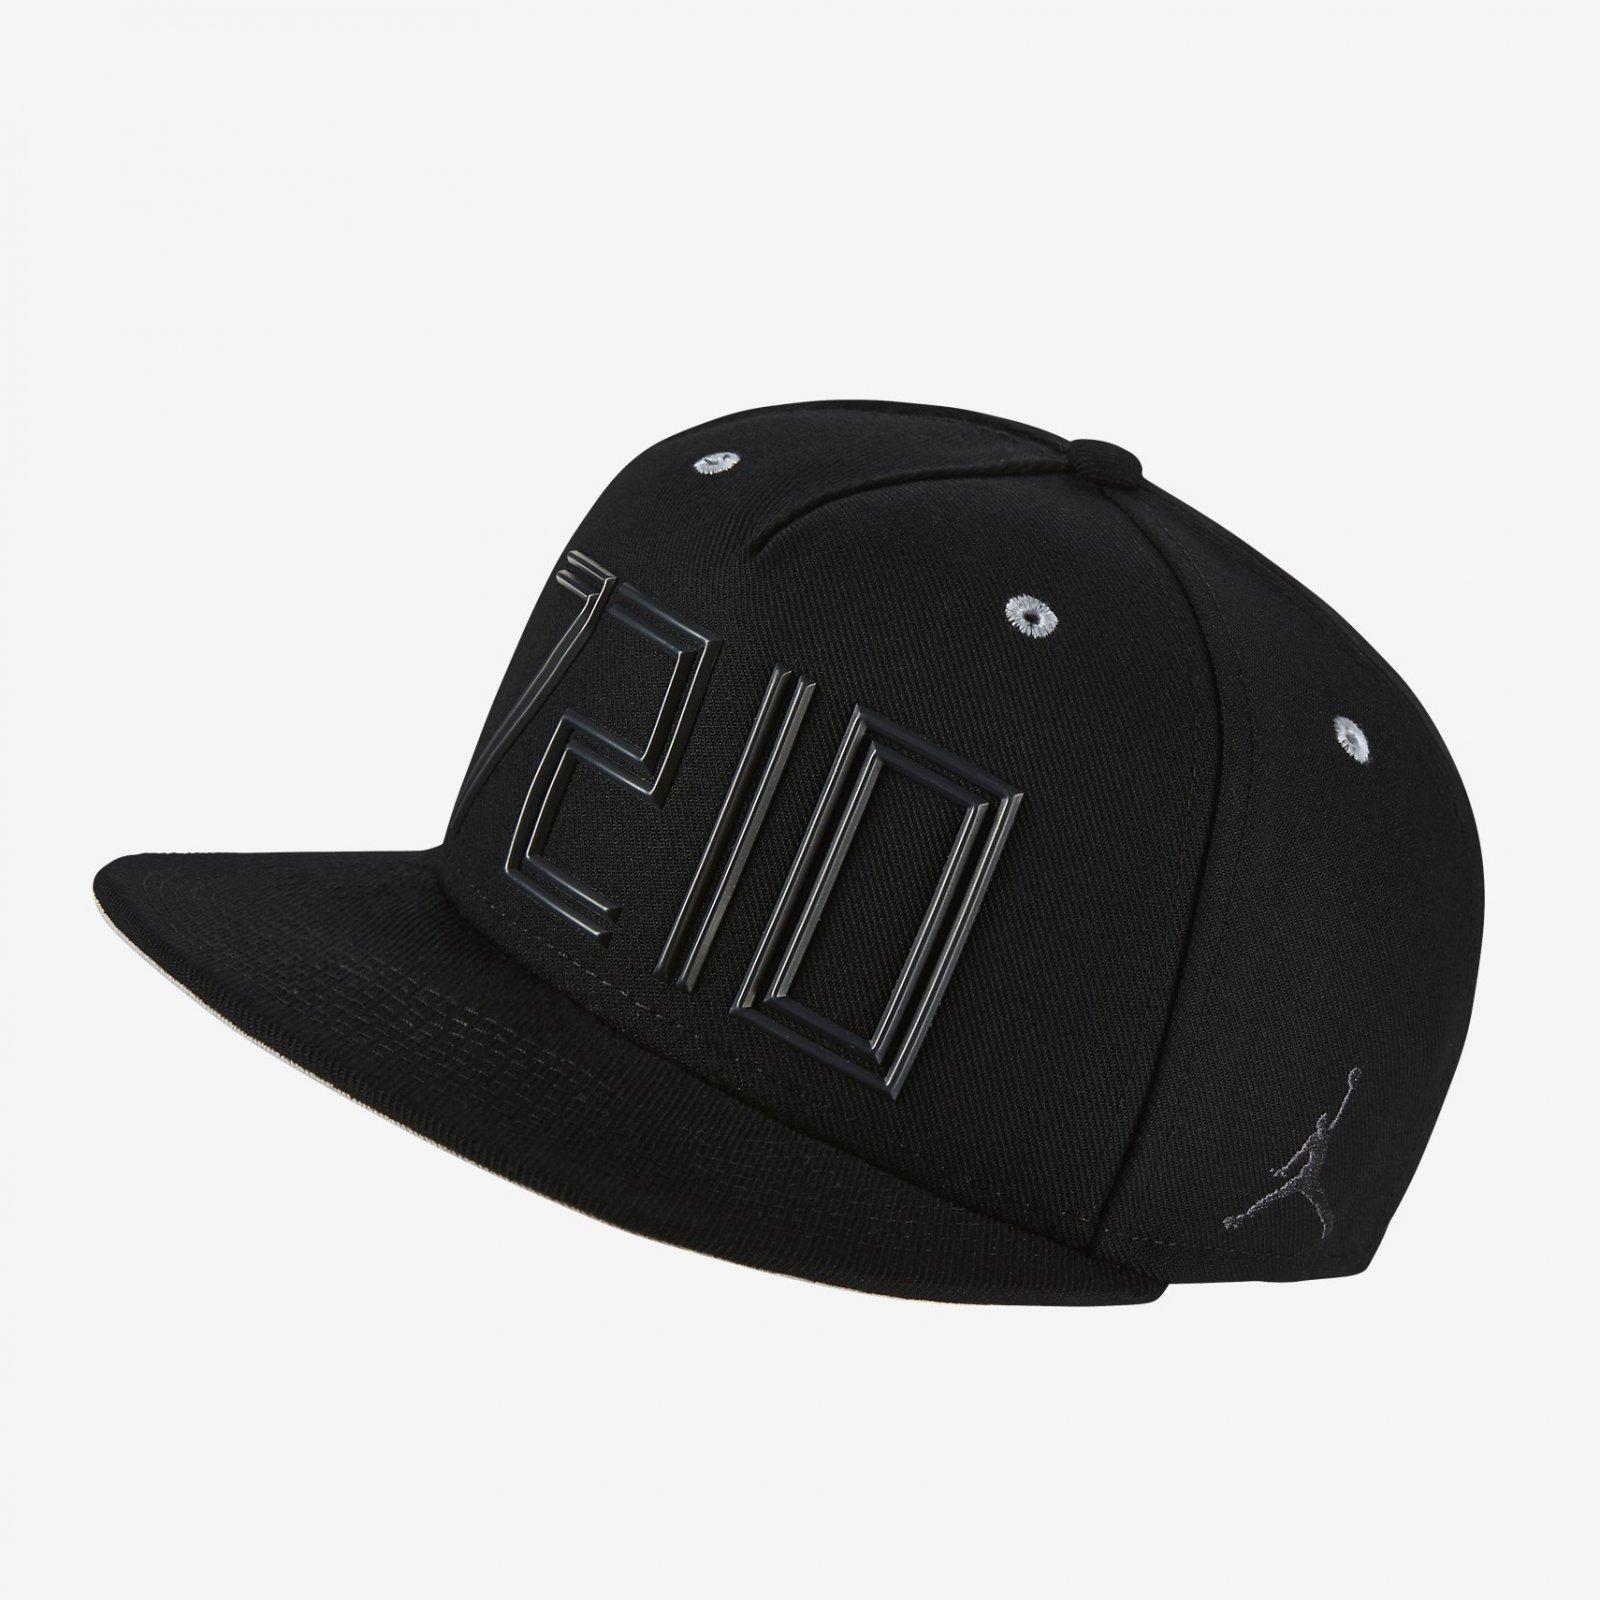 f03116e0ae6 Air Jordan 11 Retro 72-10 Snapback Hat Black Cap 2015 Nike 746649 ...